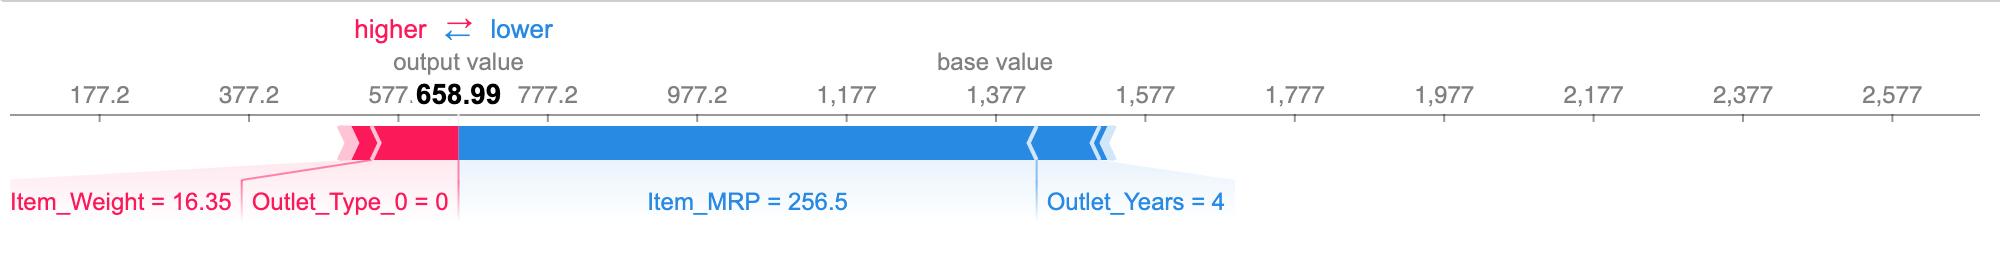 shapley values